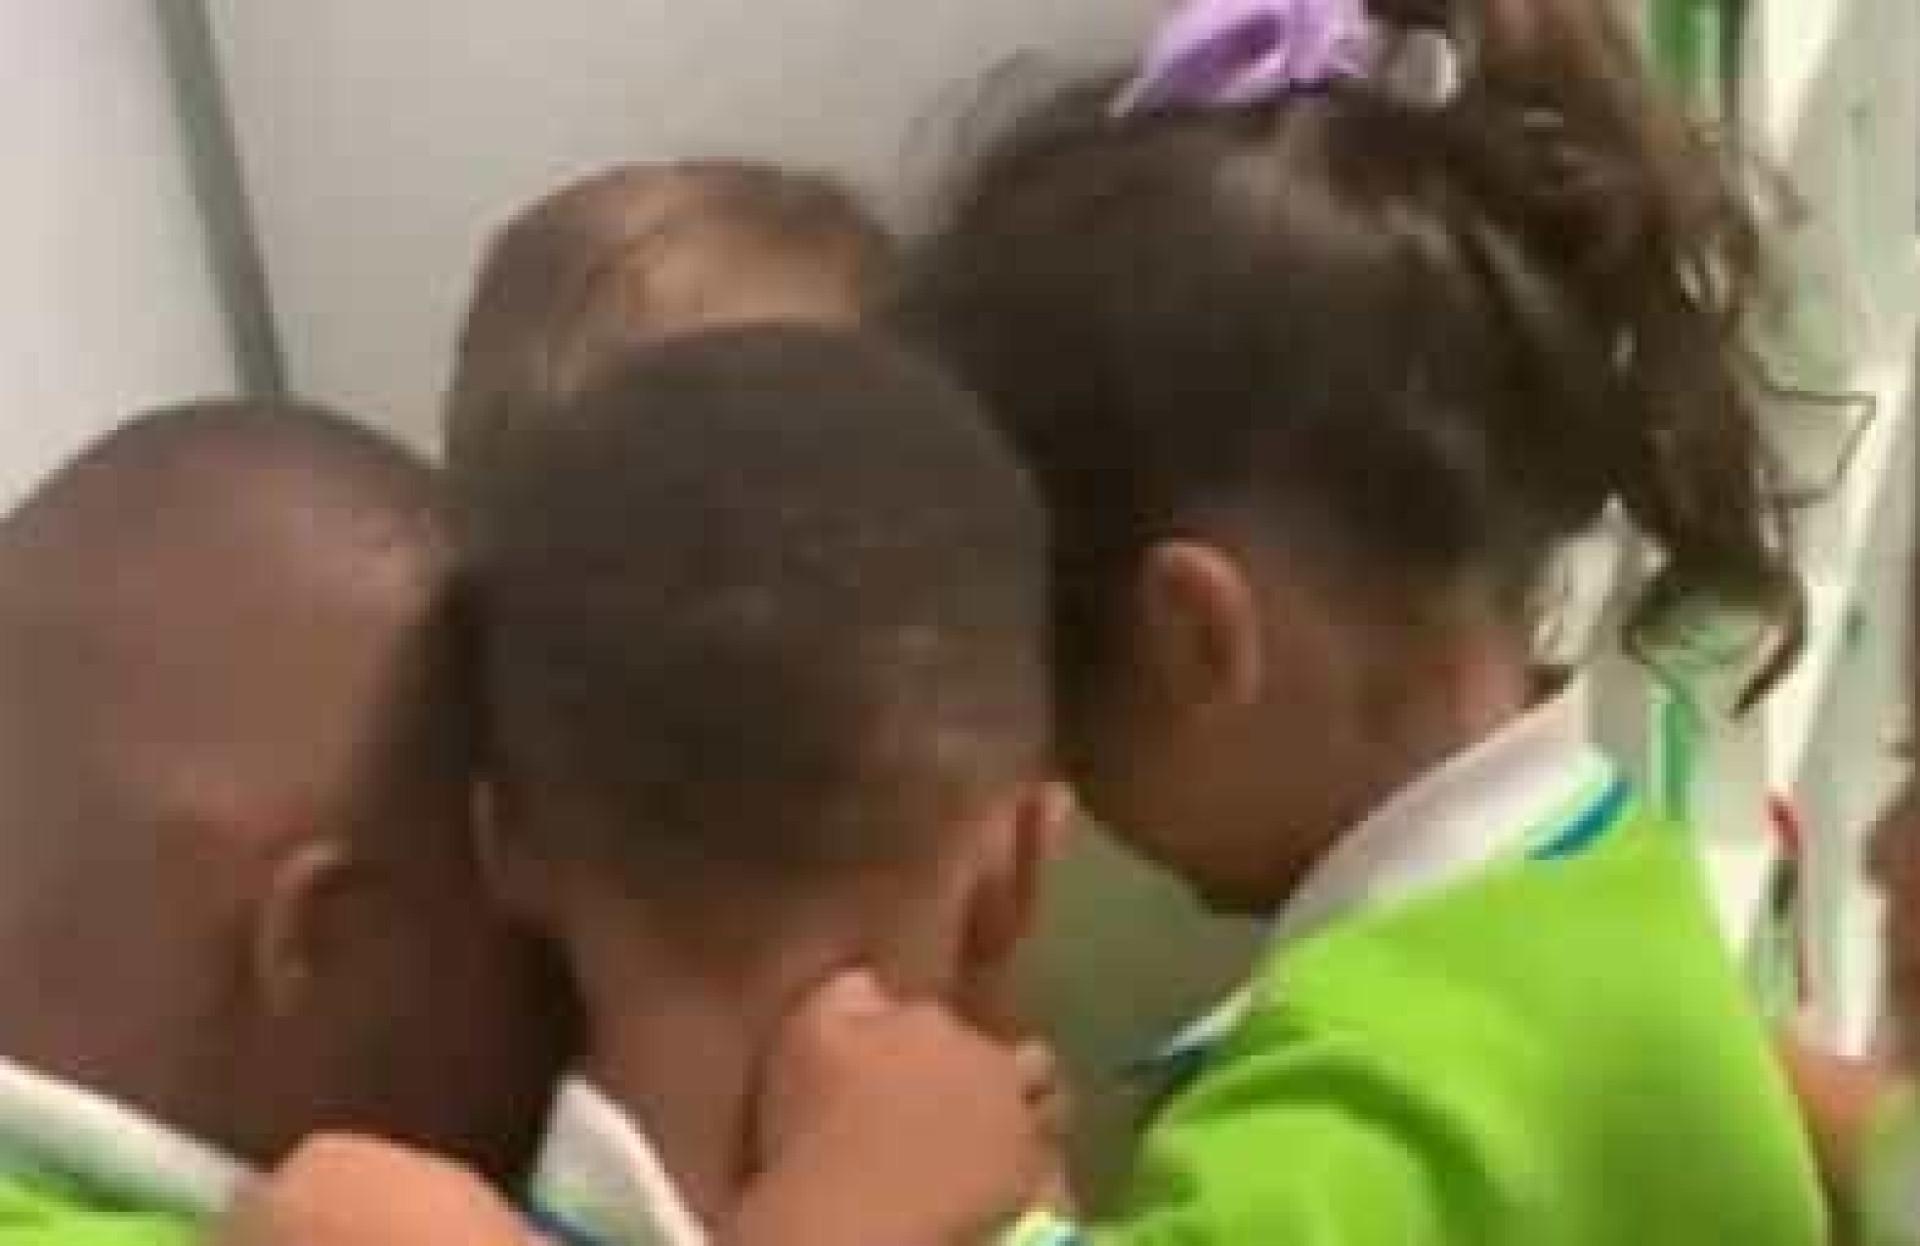 Menino recebido por colegas com caloroso abraço após sobreviver a furacão